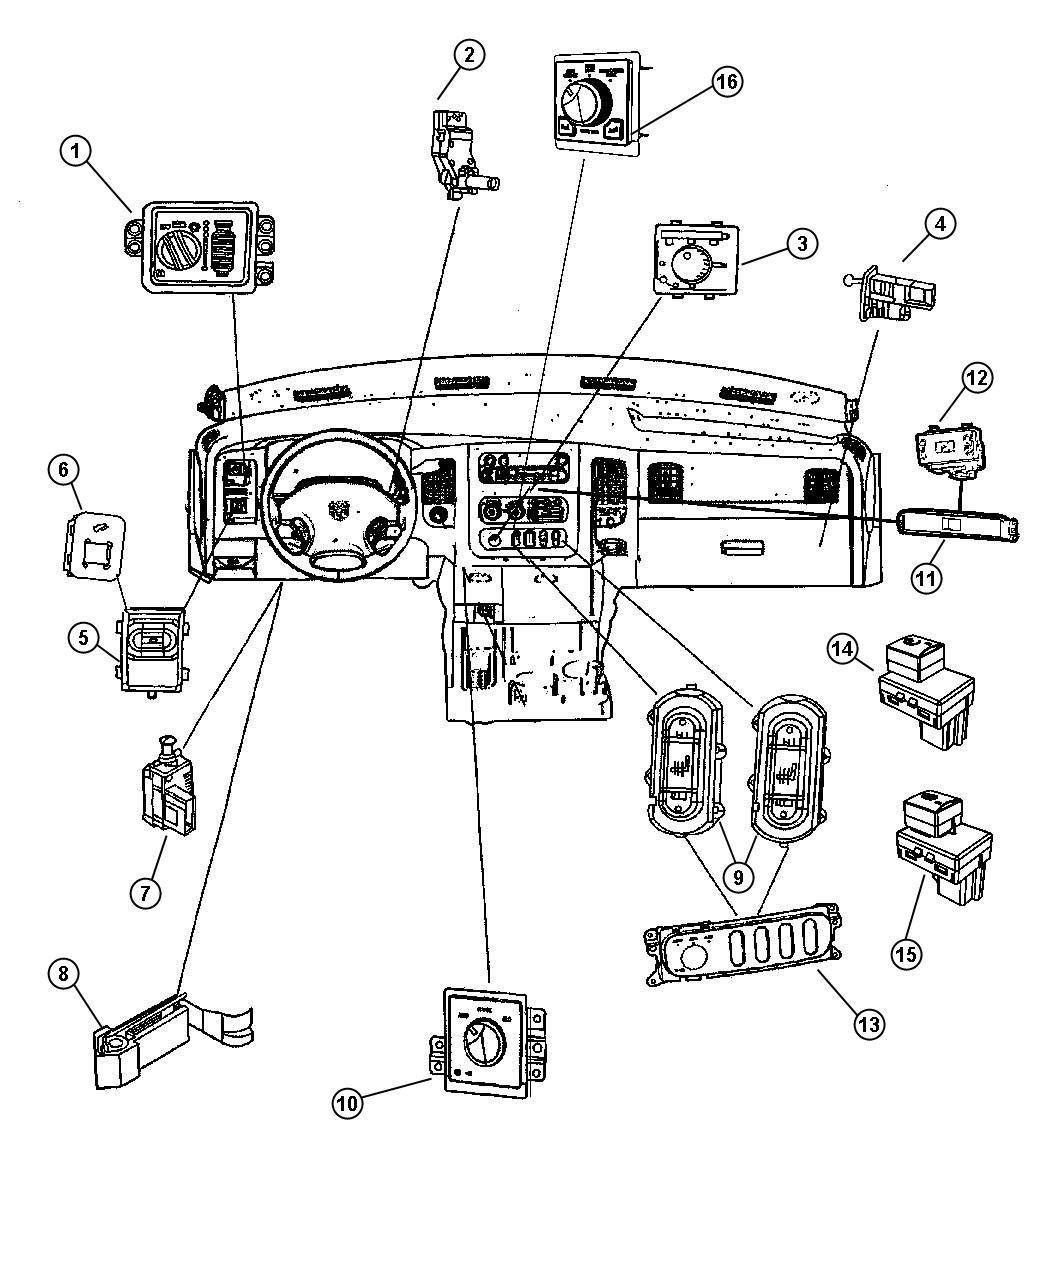 2008 Dodge Ram 2500 Switch. Exhaust brake. [diesel exhaust